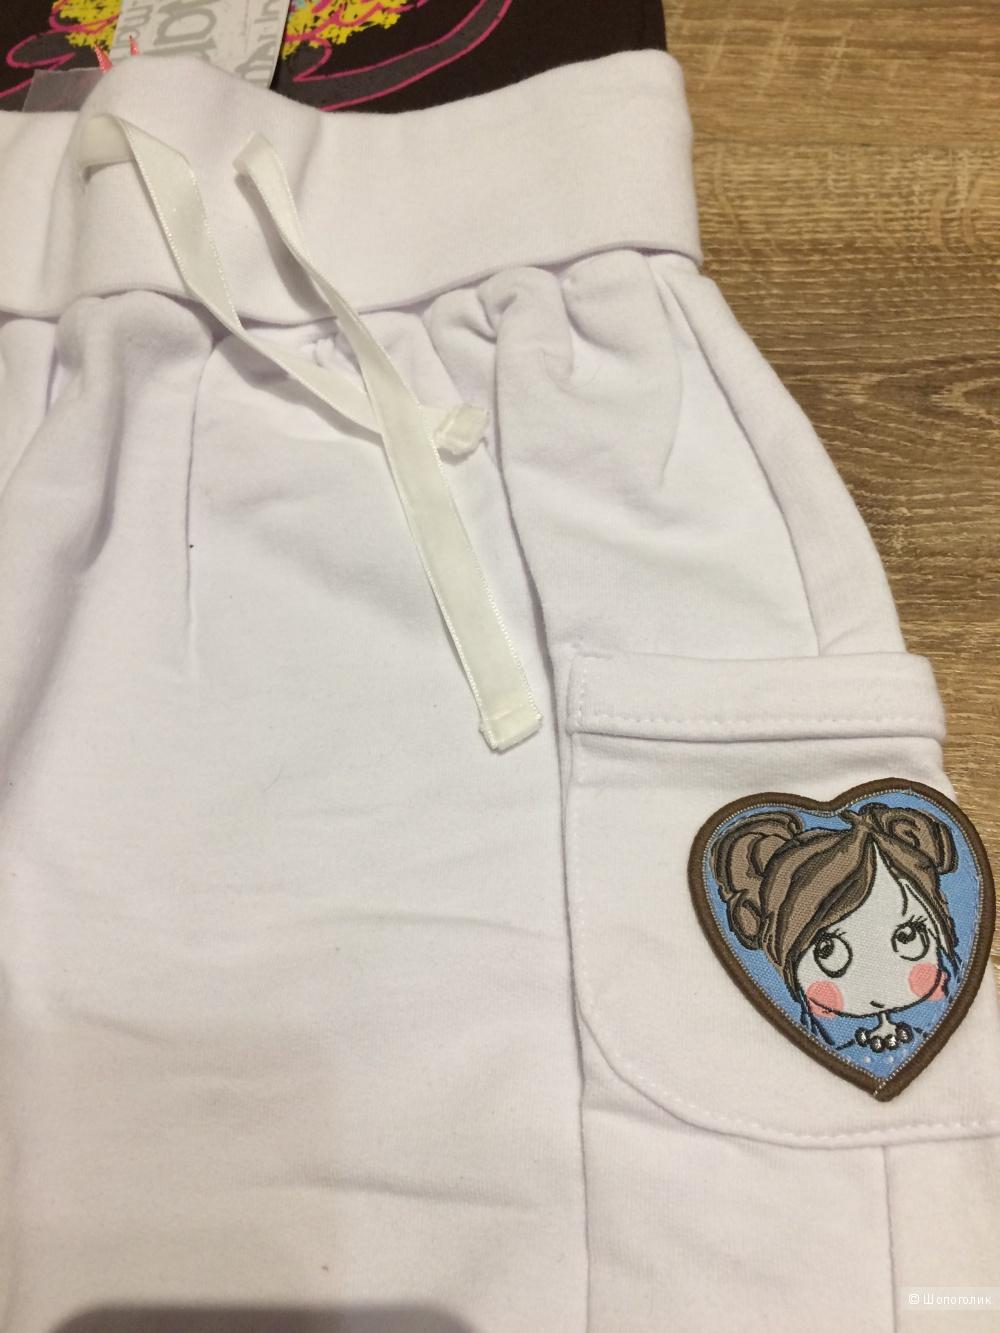 Пижама и капри Mariquita, топ 5.10.15, 2-3 года